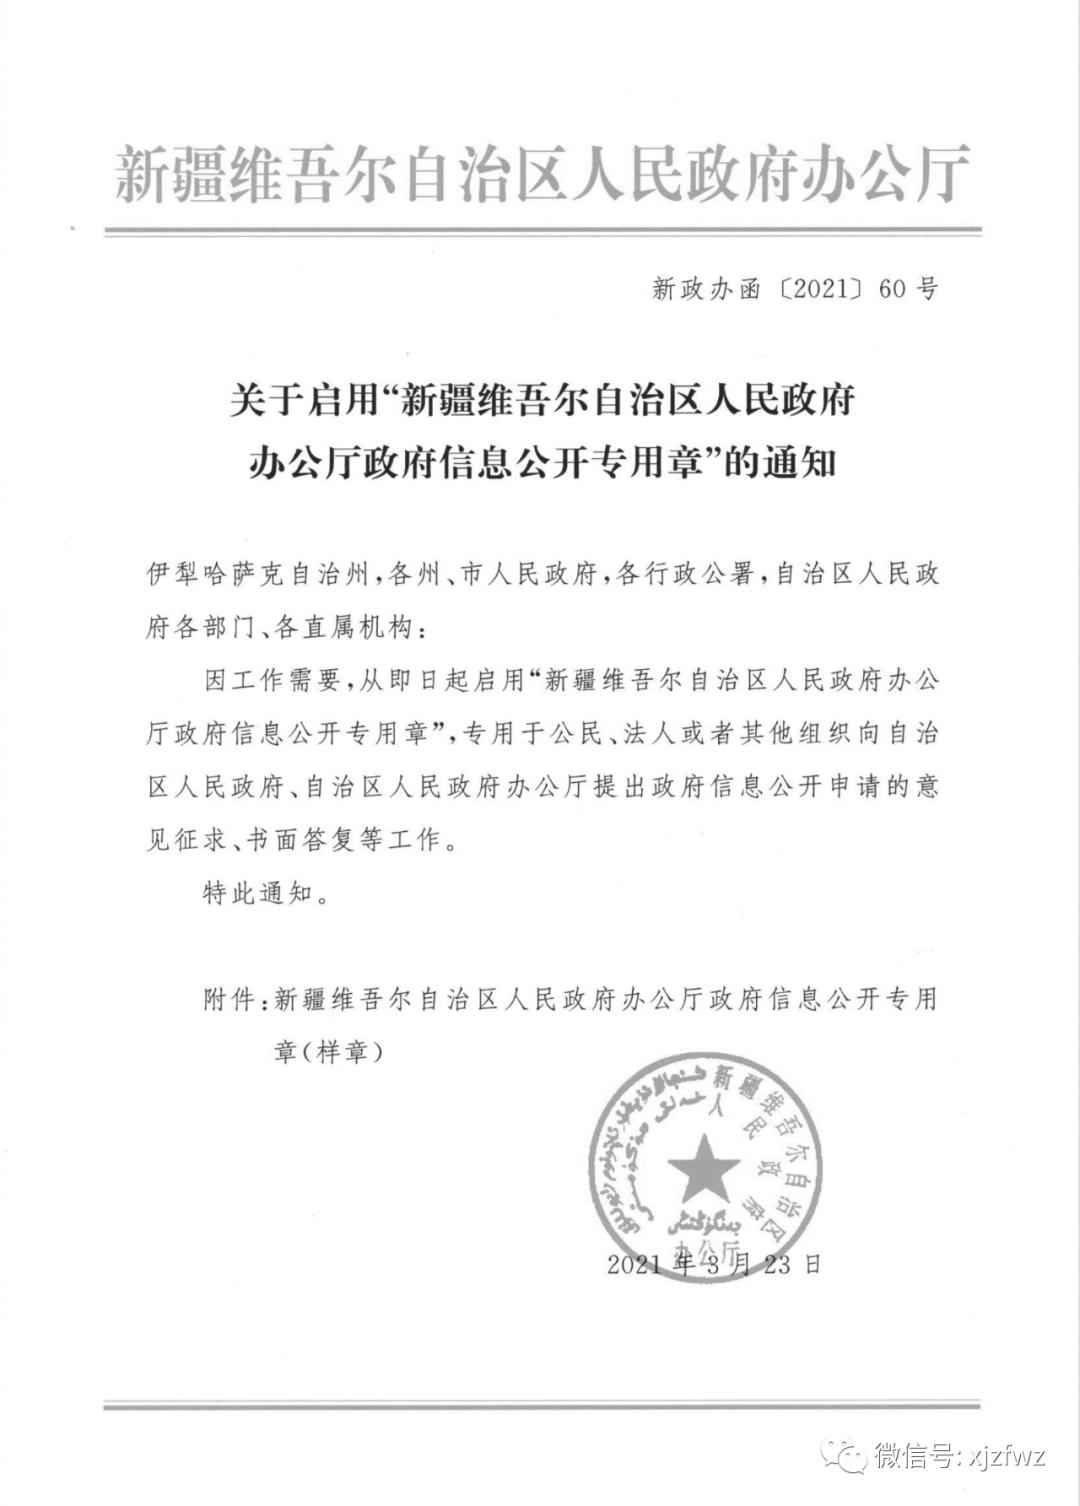 关于启用新疆维吾尔自治区人民政府办公厅政府信息公开专用章的通知图片